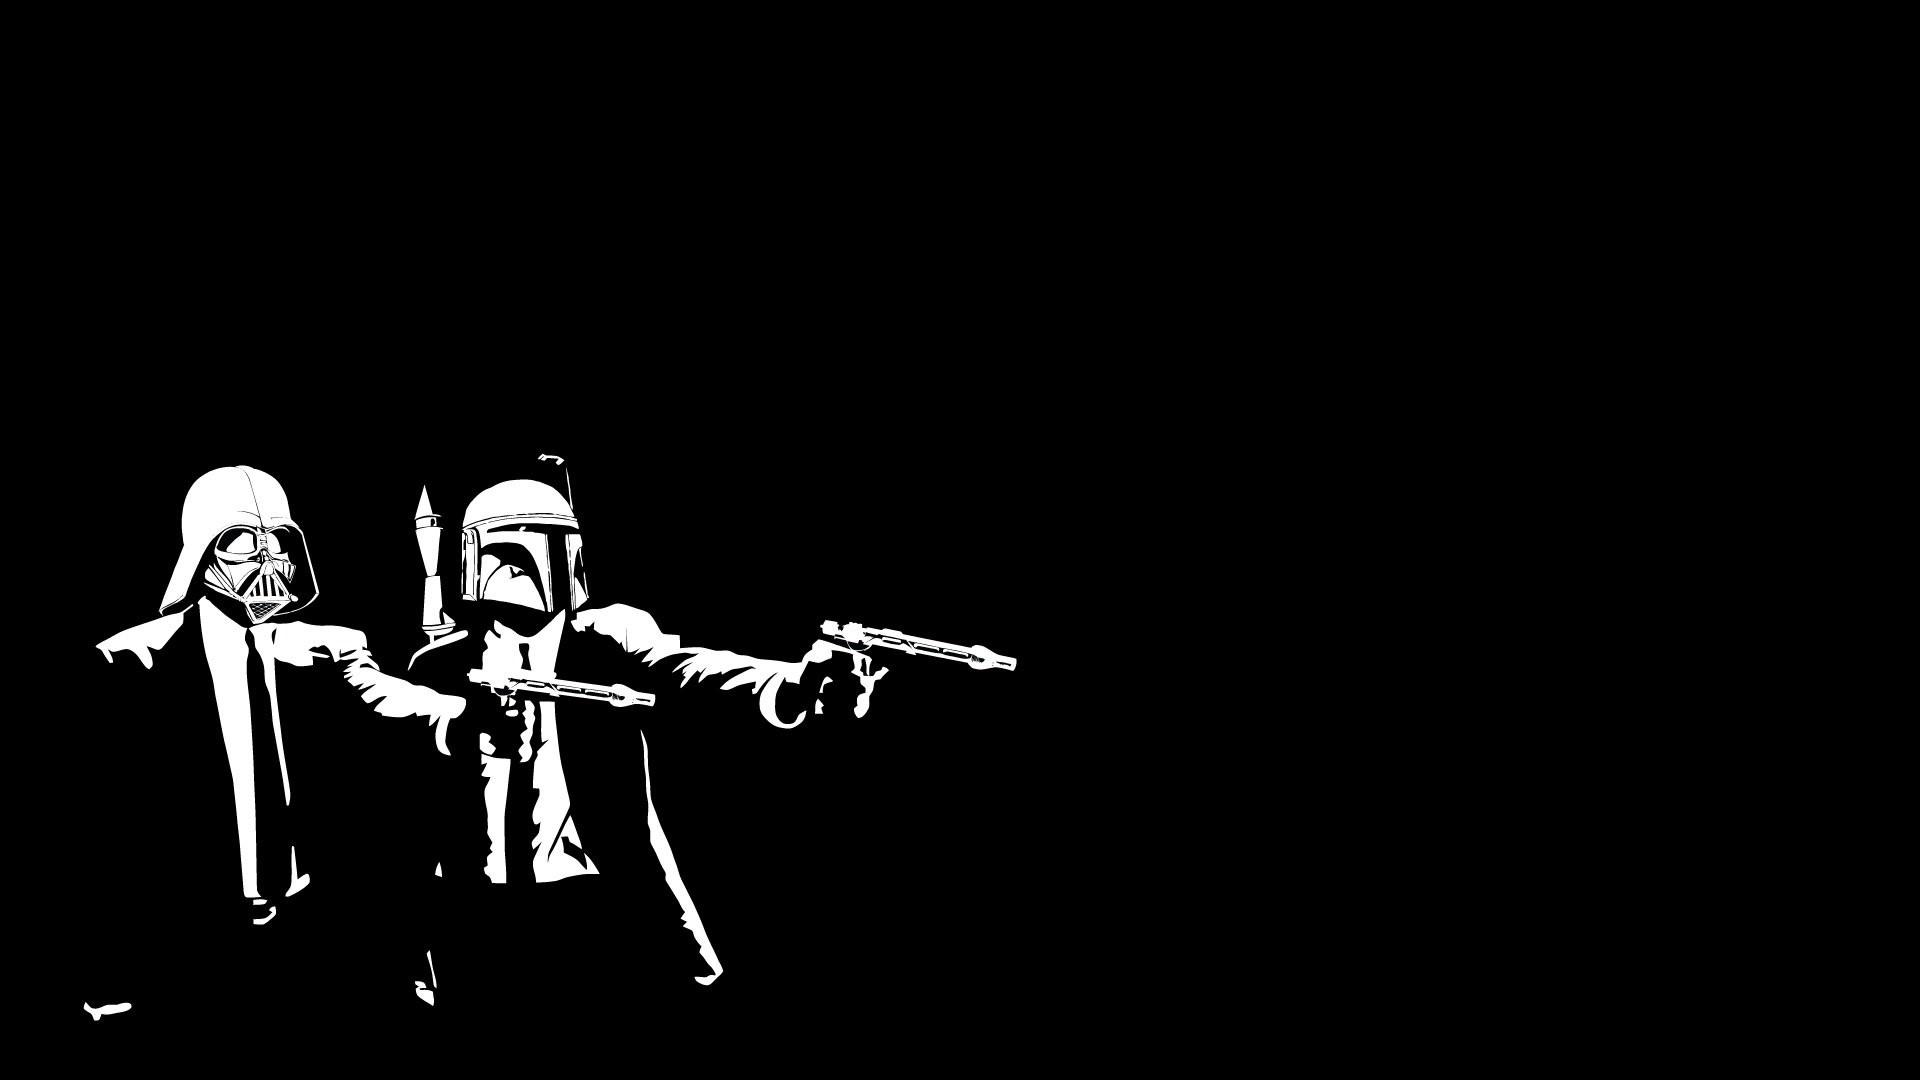 Star Wars Darth Vader Boba Fett The Boondock Saints wallpaper